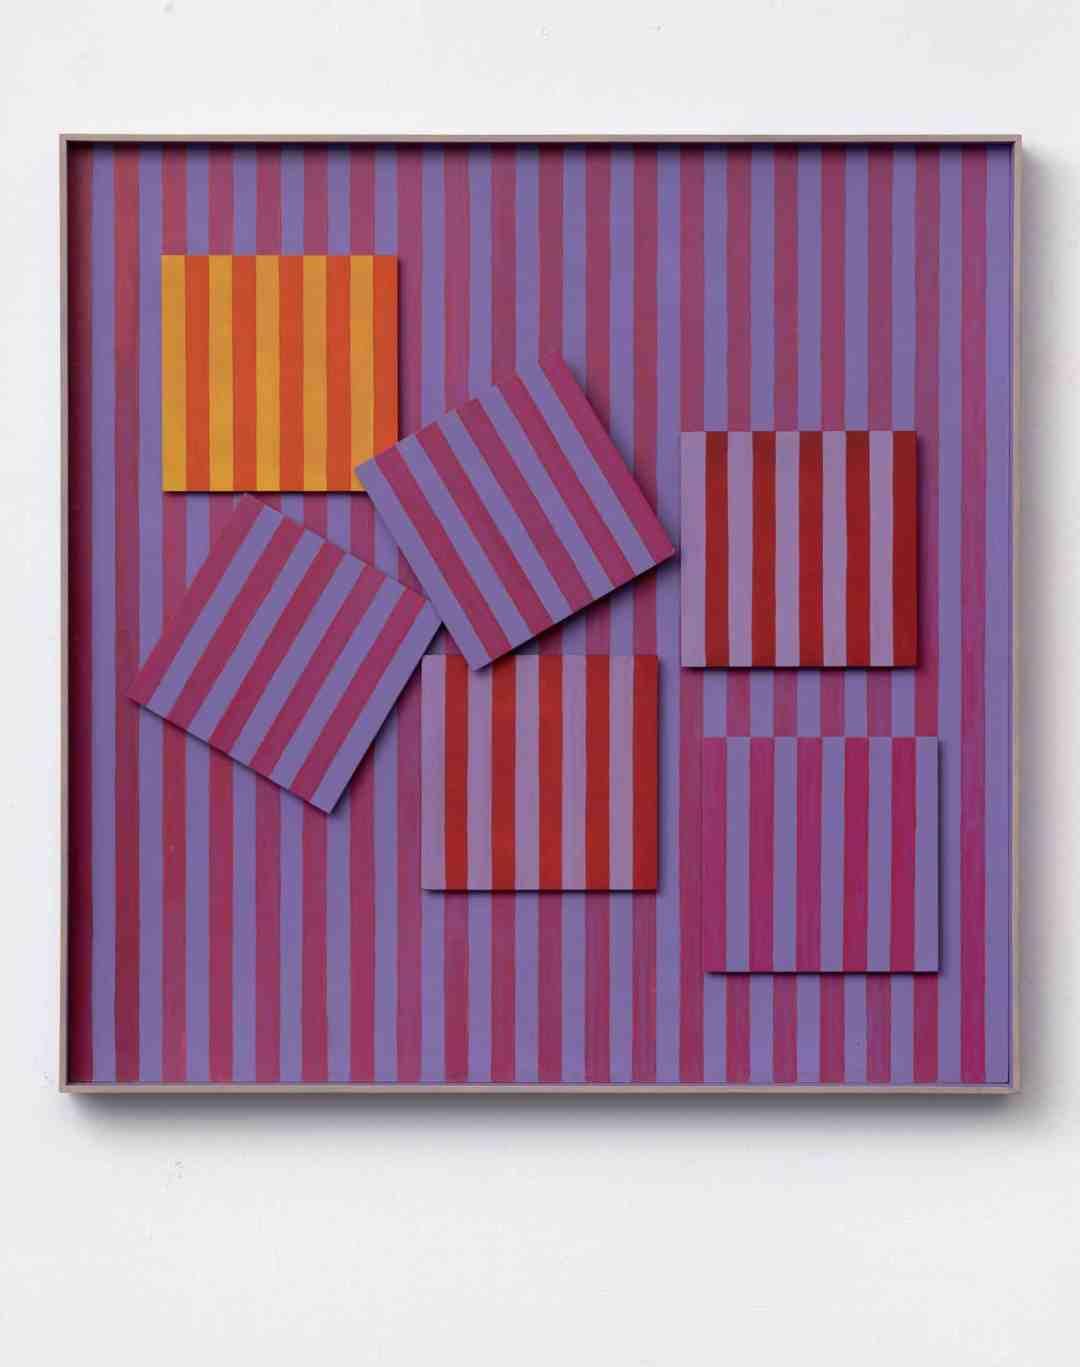 Henryk Stażewski, Relief No. 18, 1969, Starmach Gallery